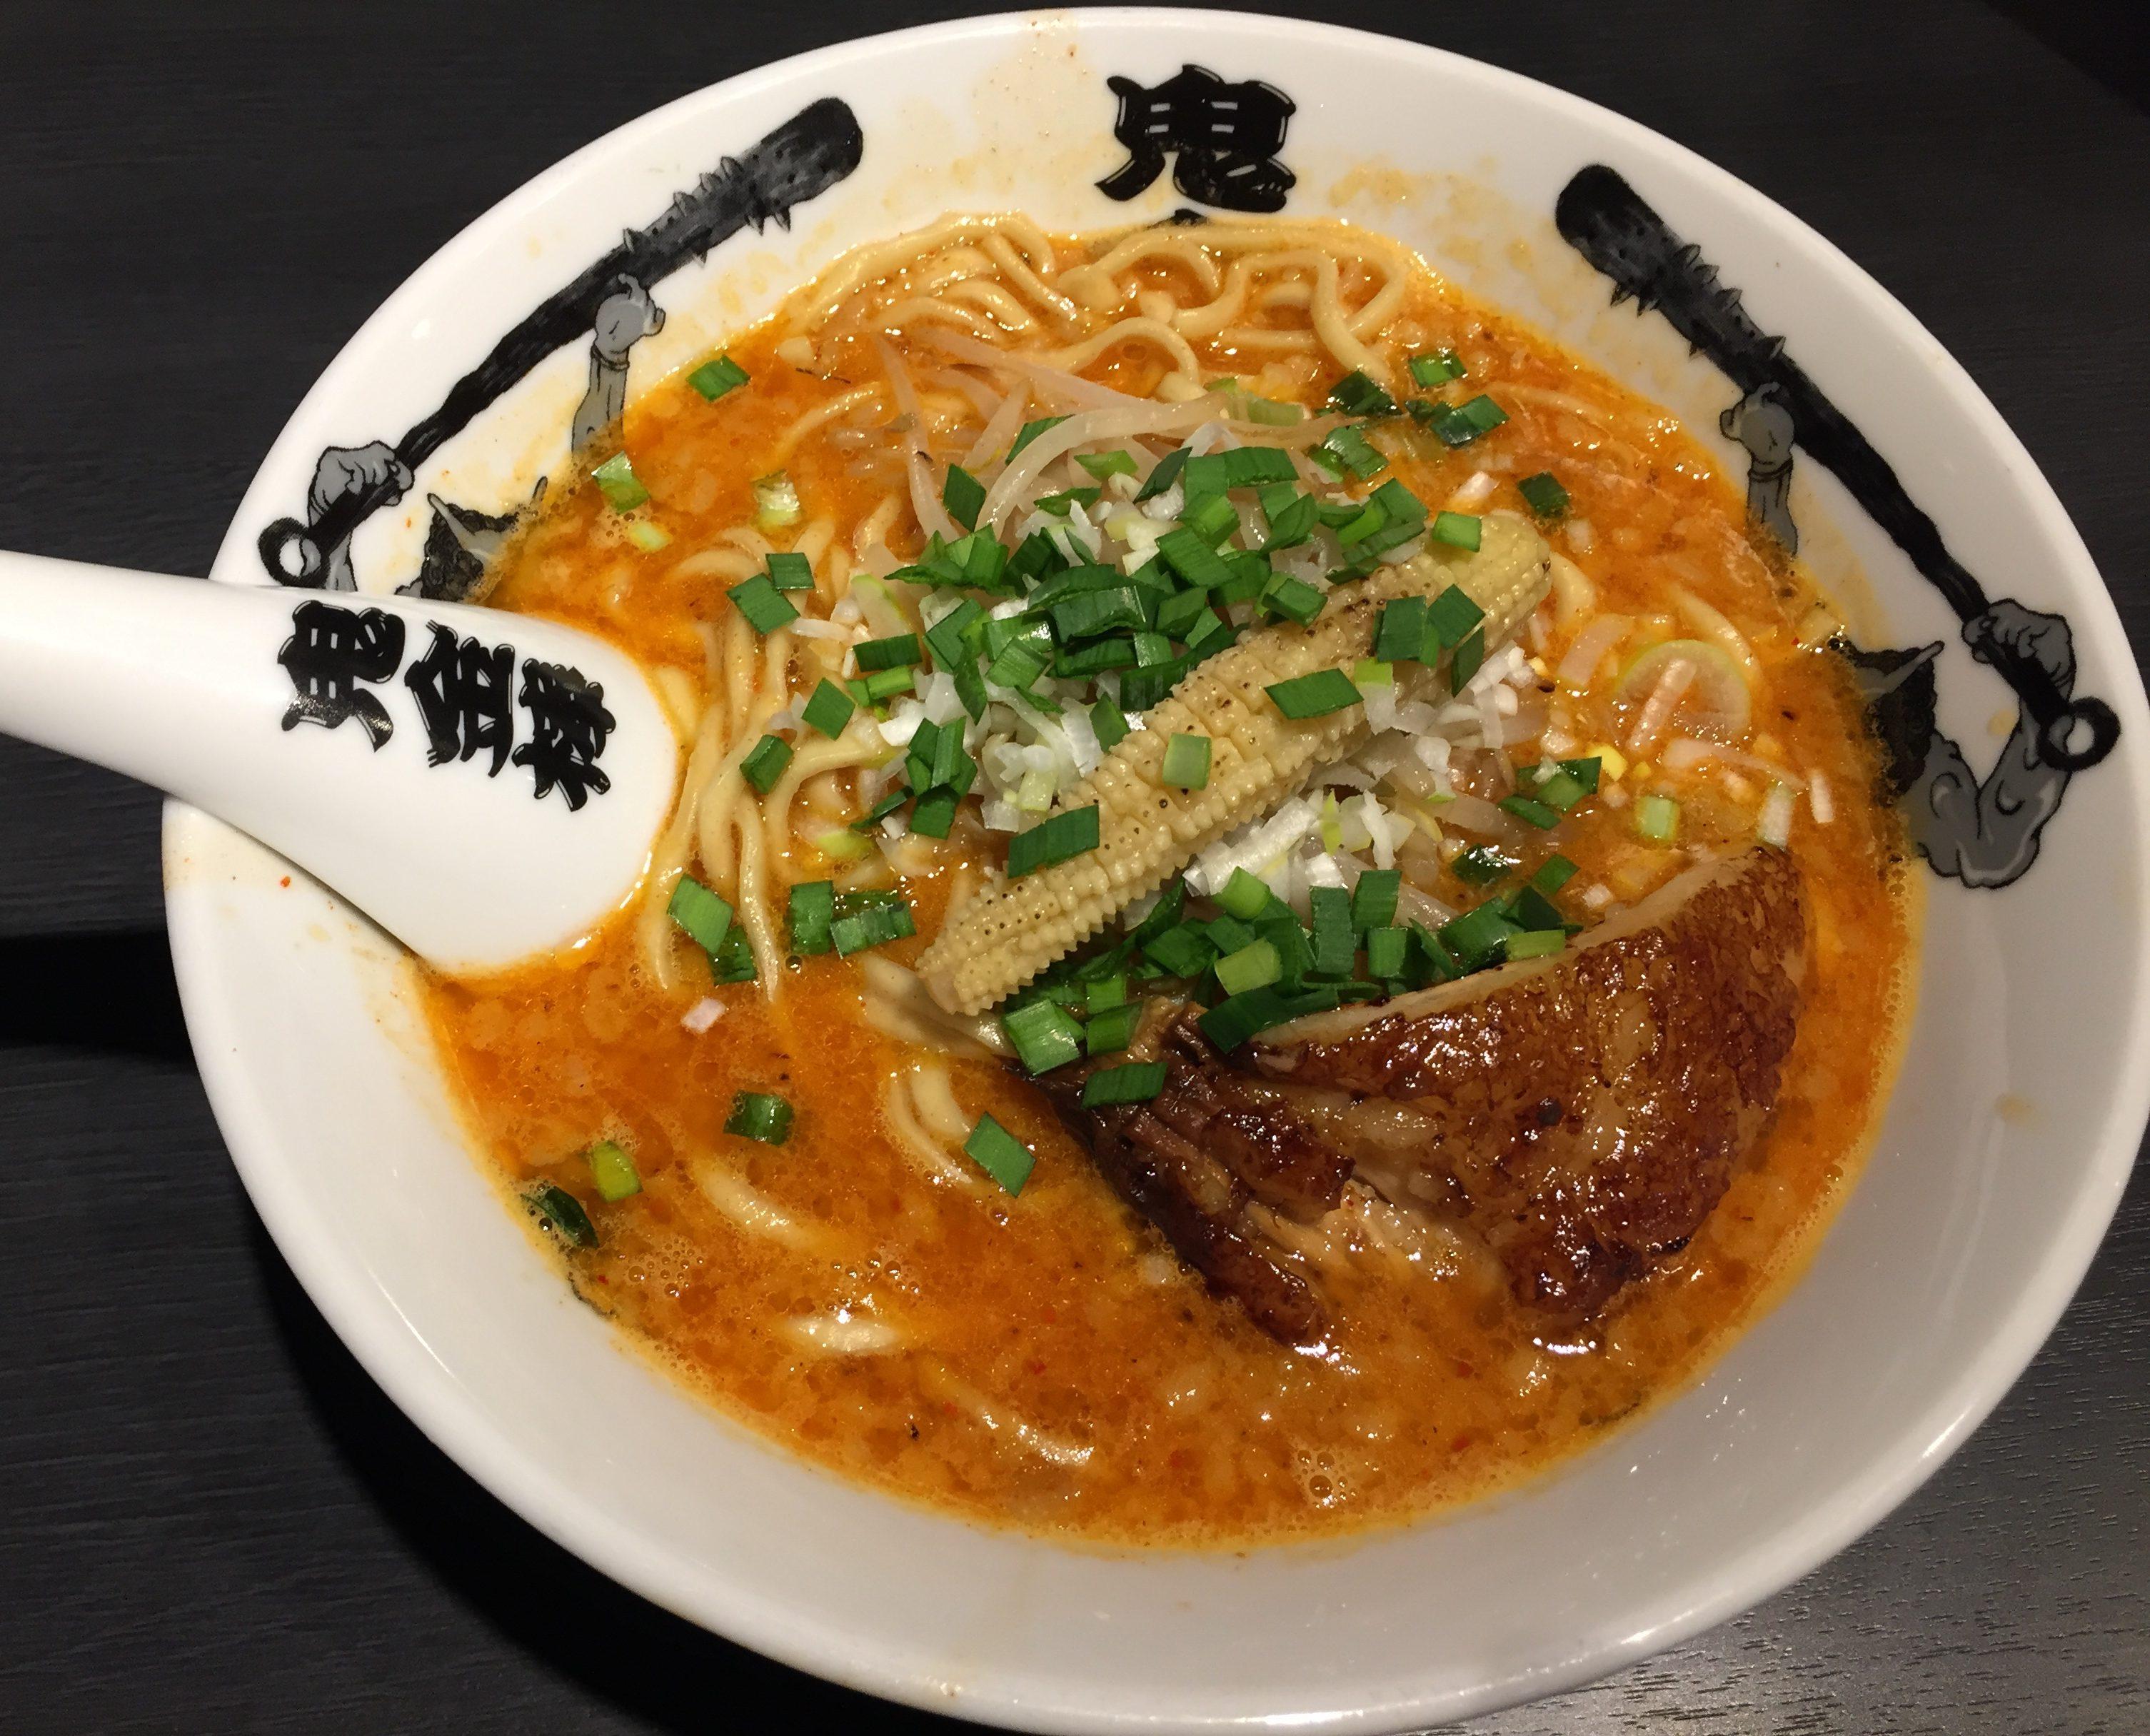 名古屋駅 鬼金棒(きかんぼう)はクセになる美味さ! in 名駅 驛麺通り(えきめんどおり)